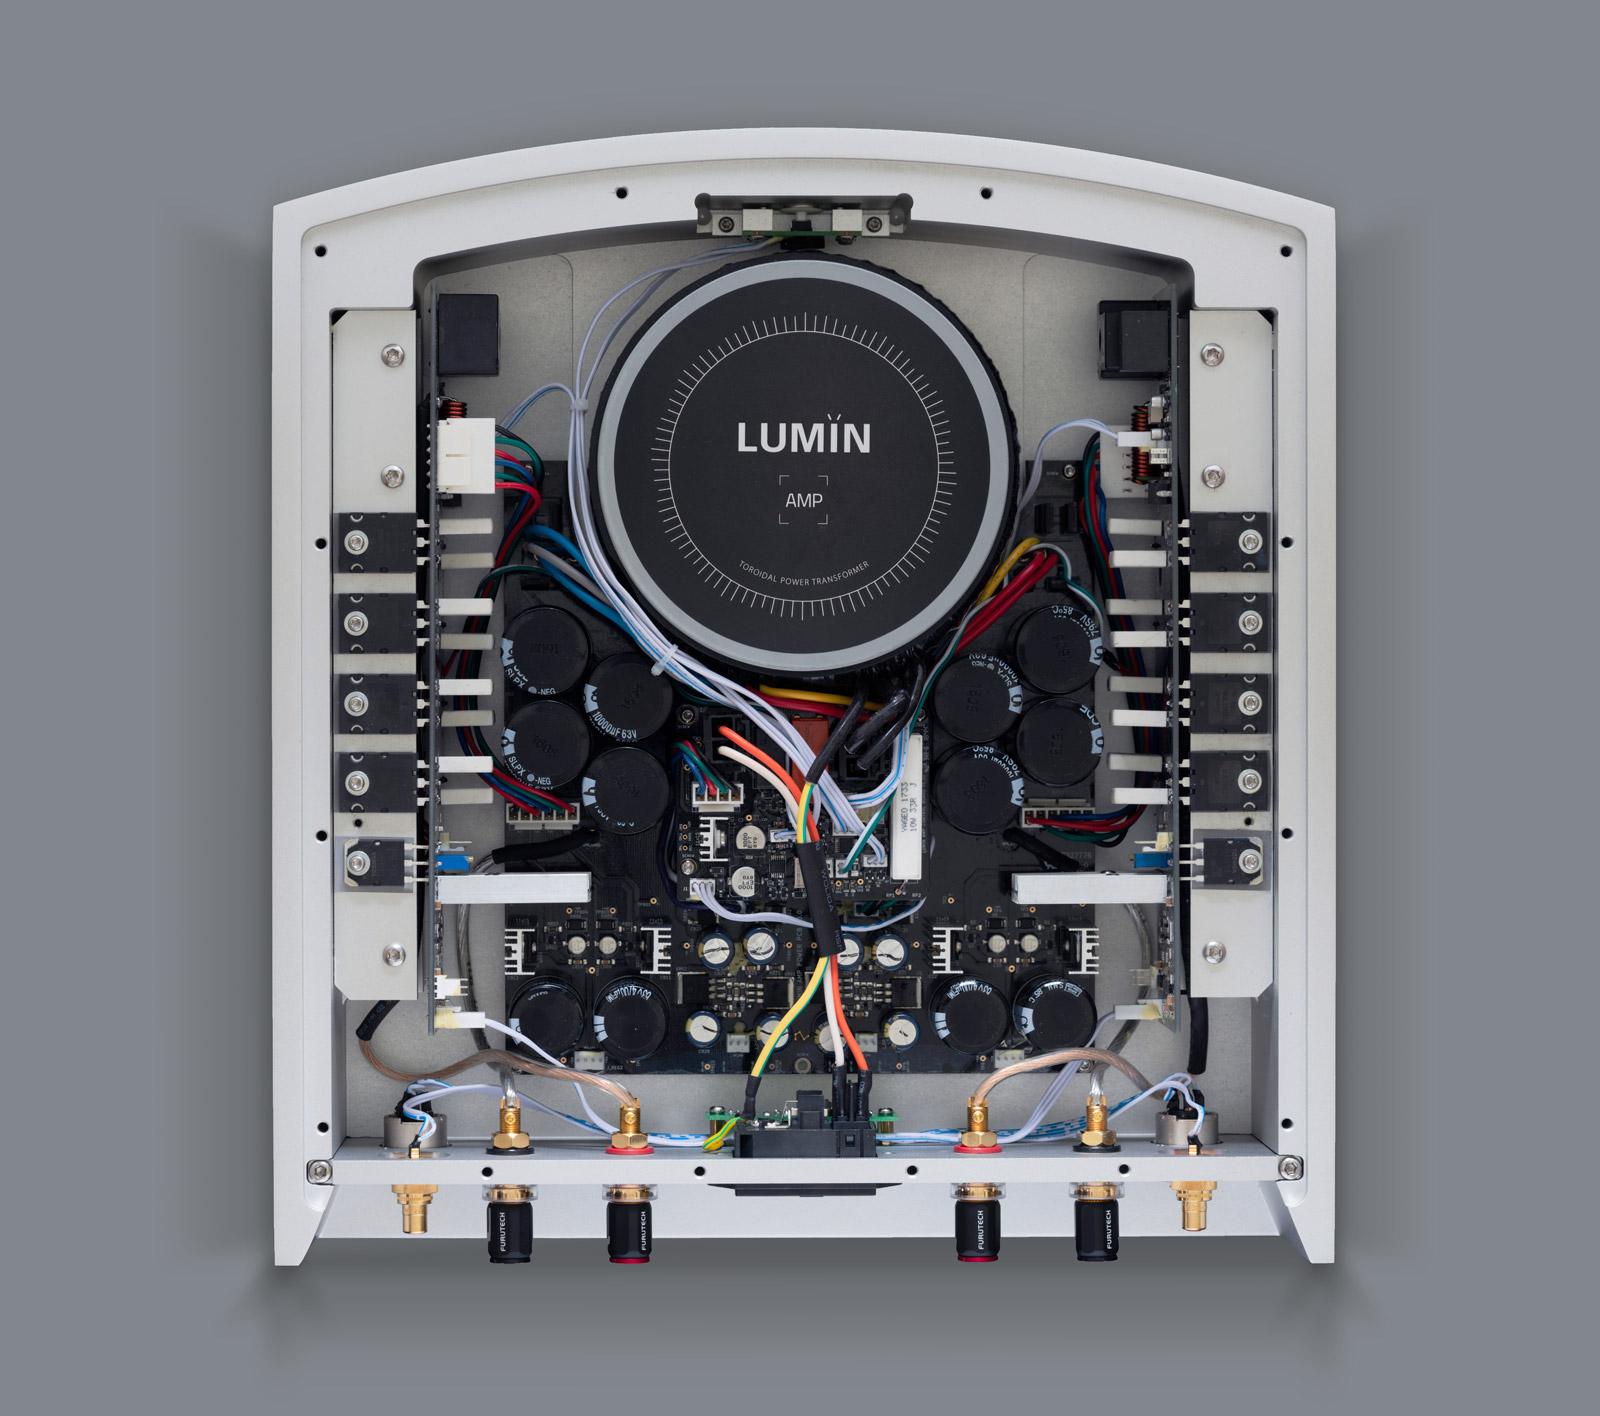 lumin-amp-inside